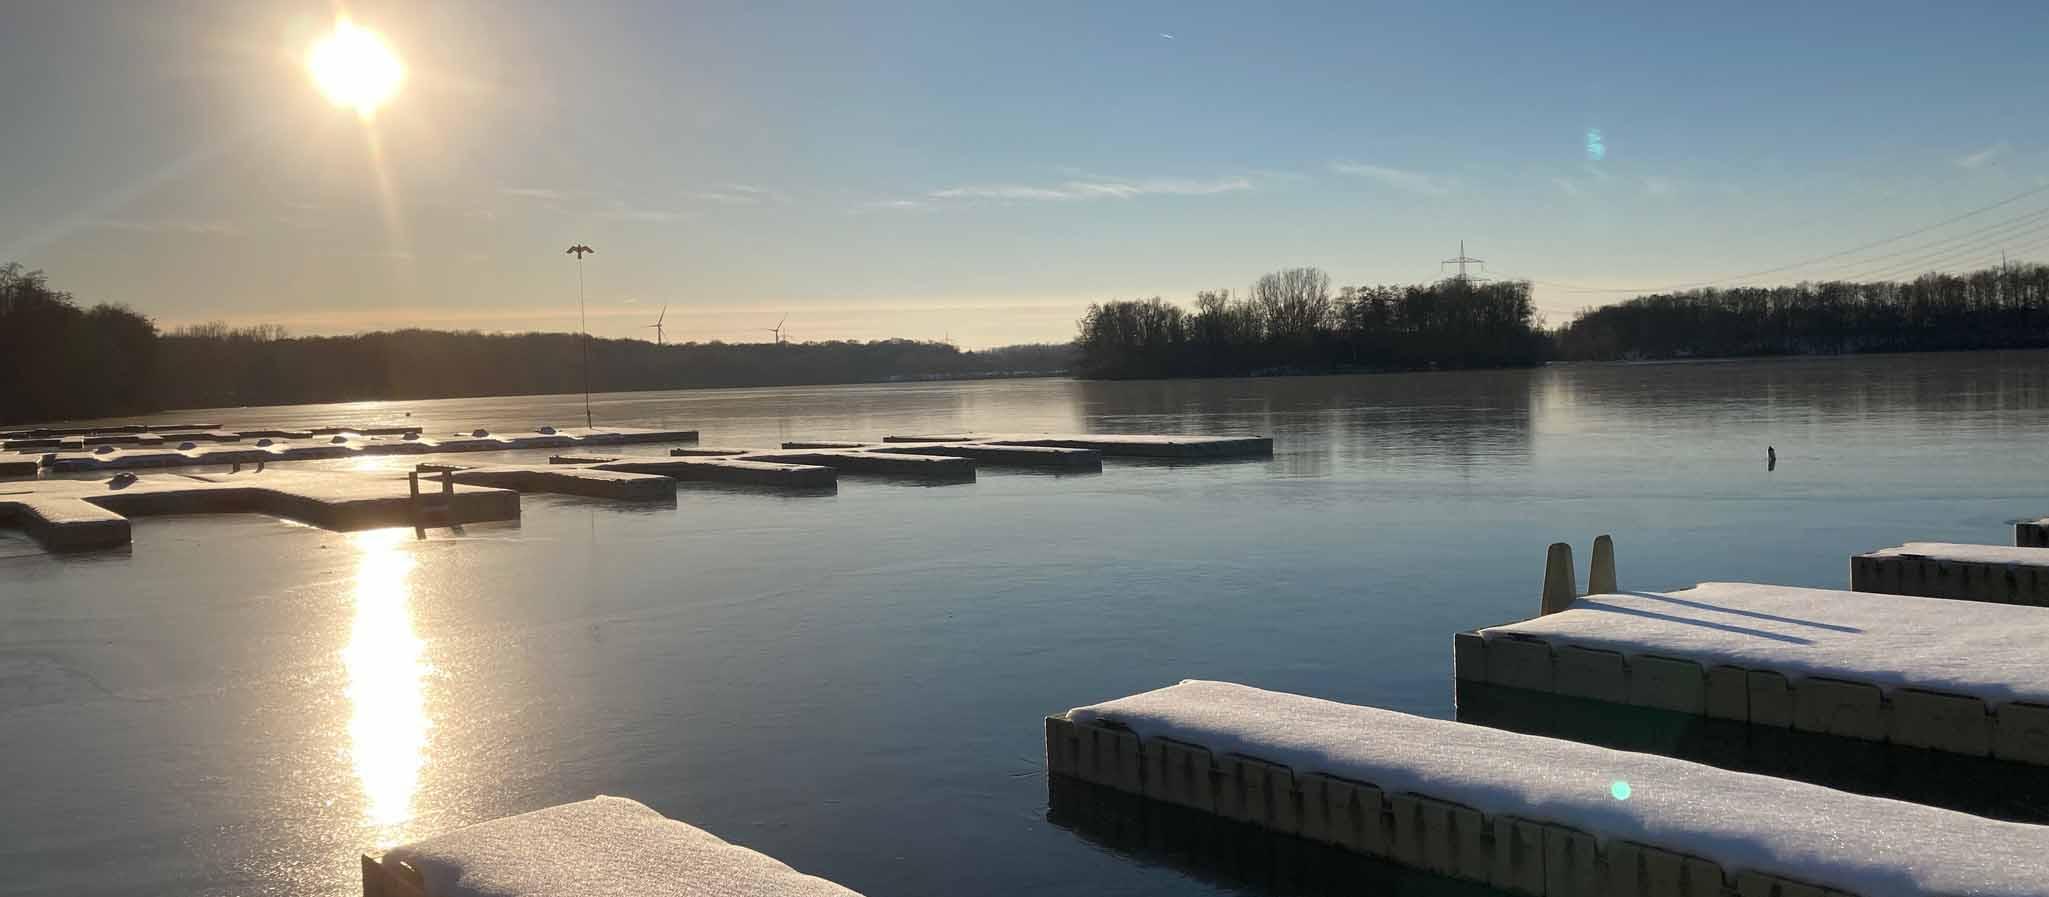 Zugefrorener See im Winter mit Sonne